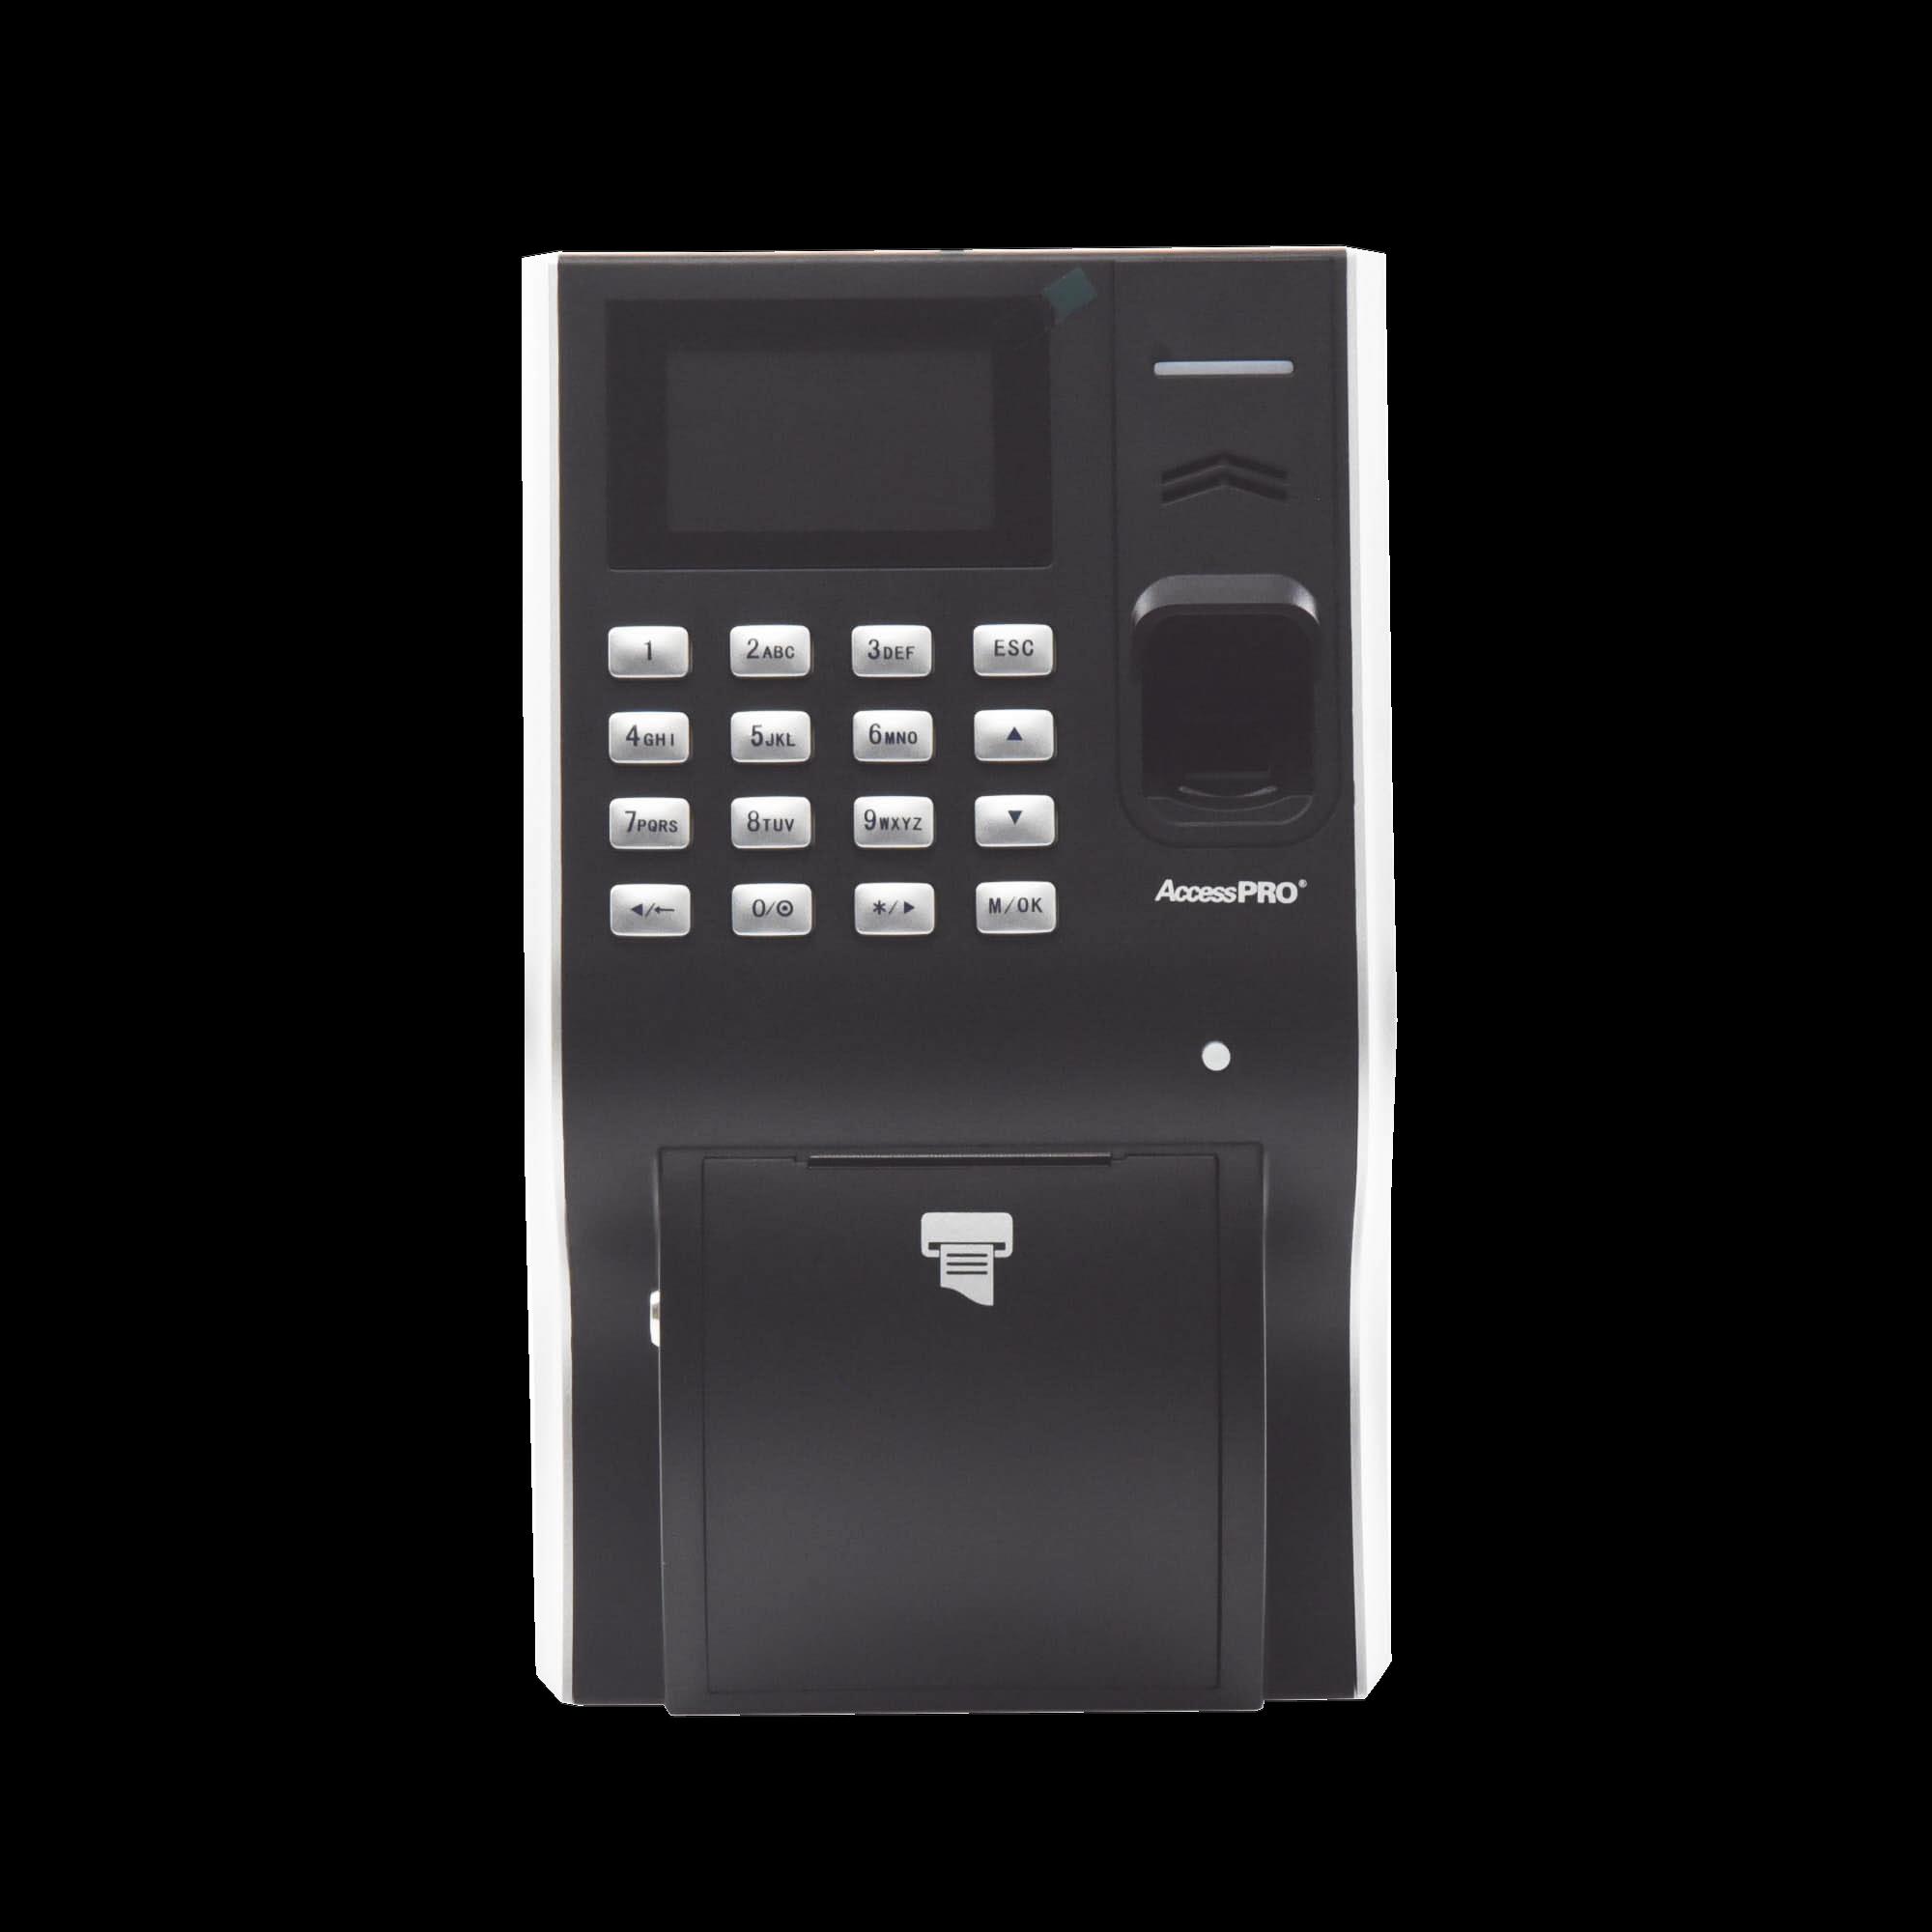 Reloj checador con impresora integrada ideal para comedores / TCP/IP / Reportes de asistencia con software / Imprime ticket por cada empleado / Soporta 3,000 huellas